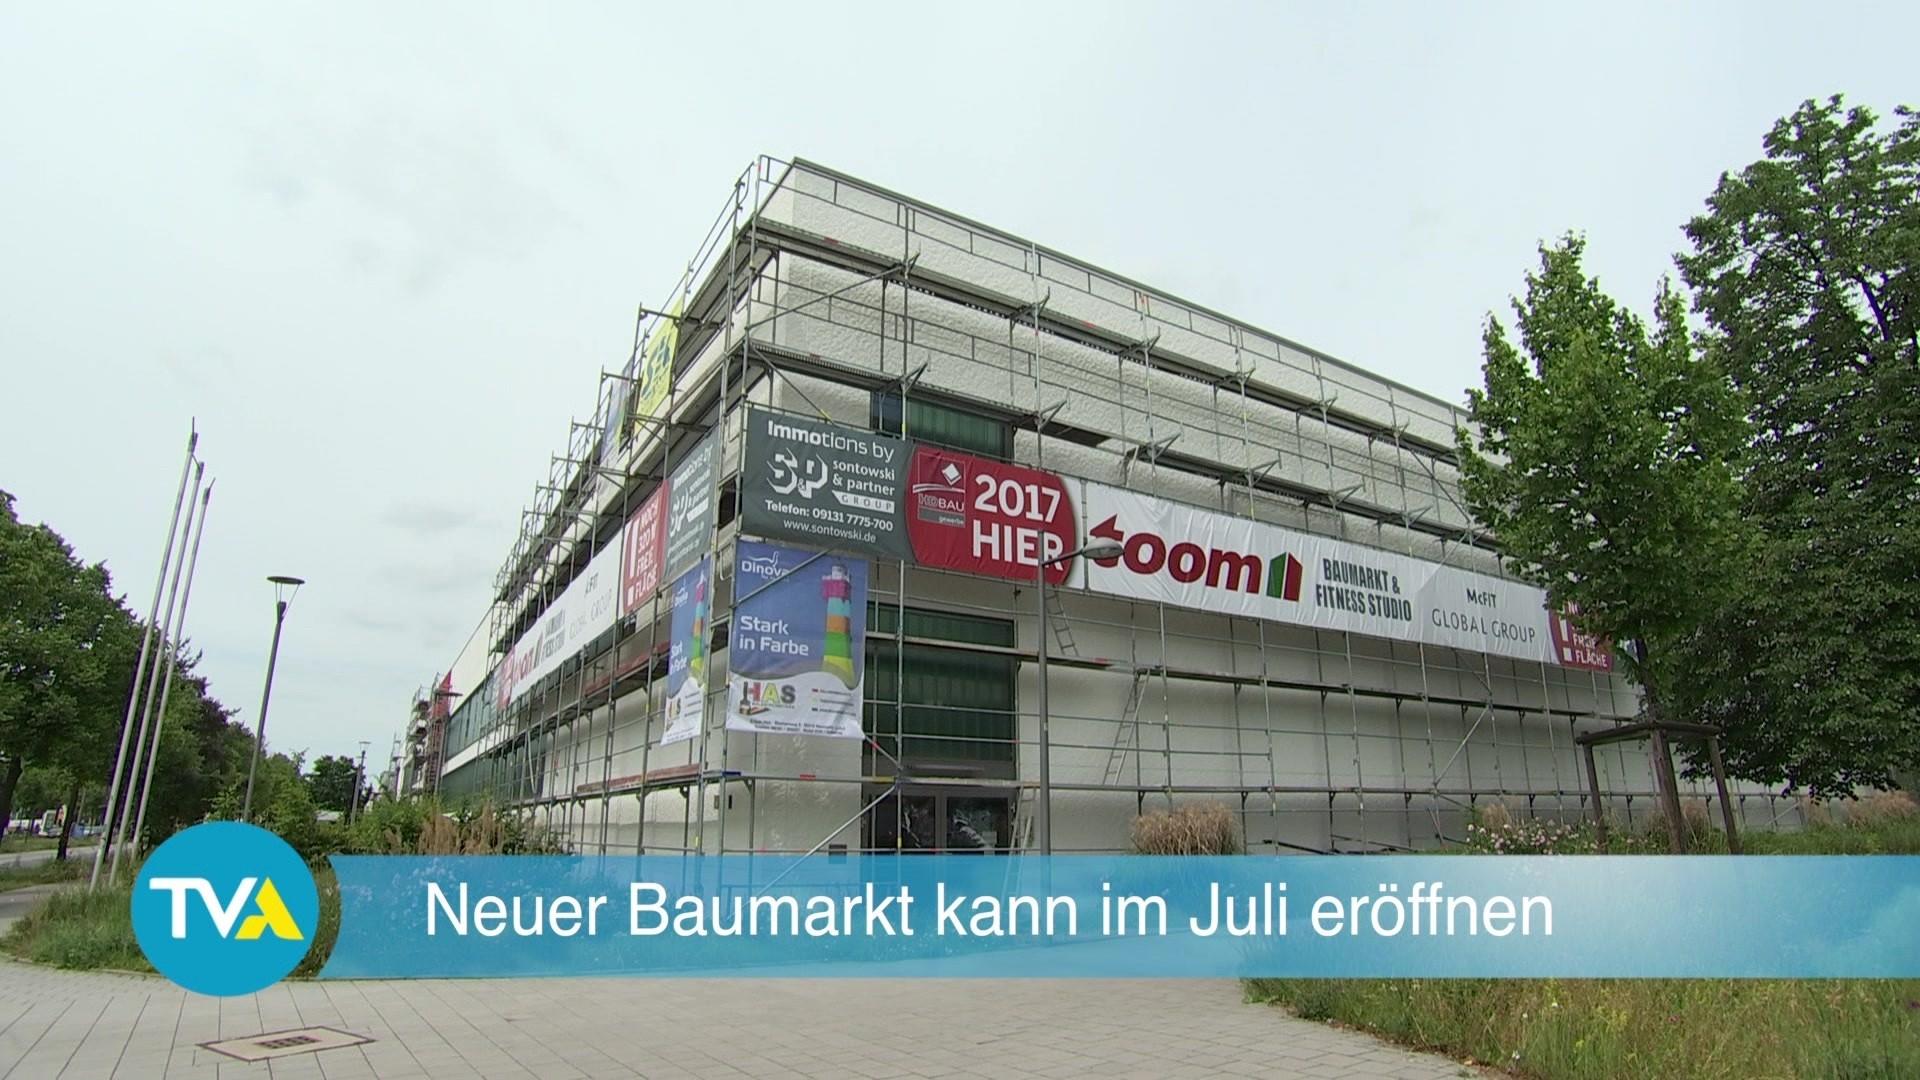 Baumarkt Regensburg regensburg neuer baumarkt eröffnet im juli tva